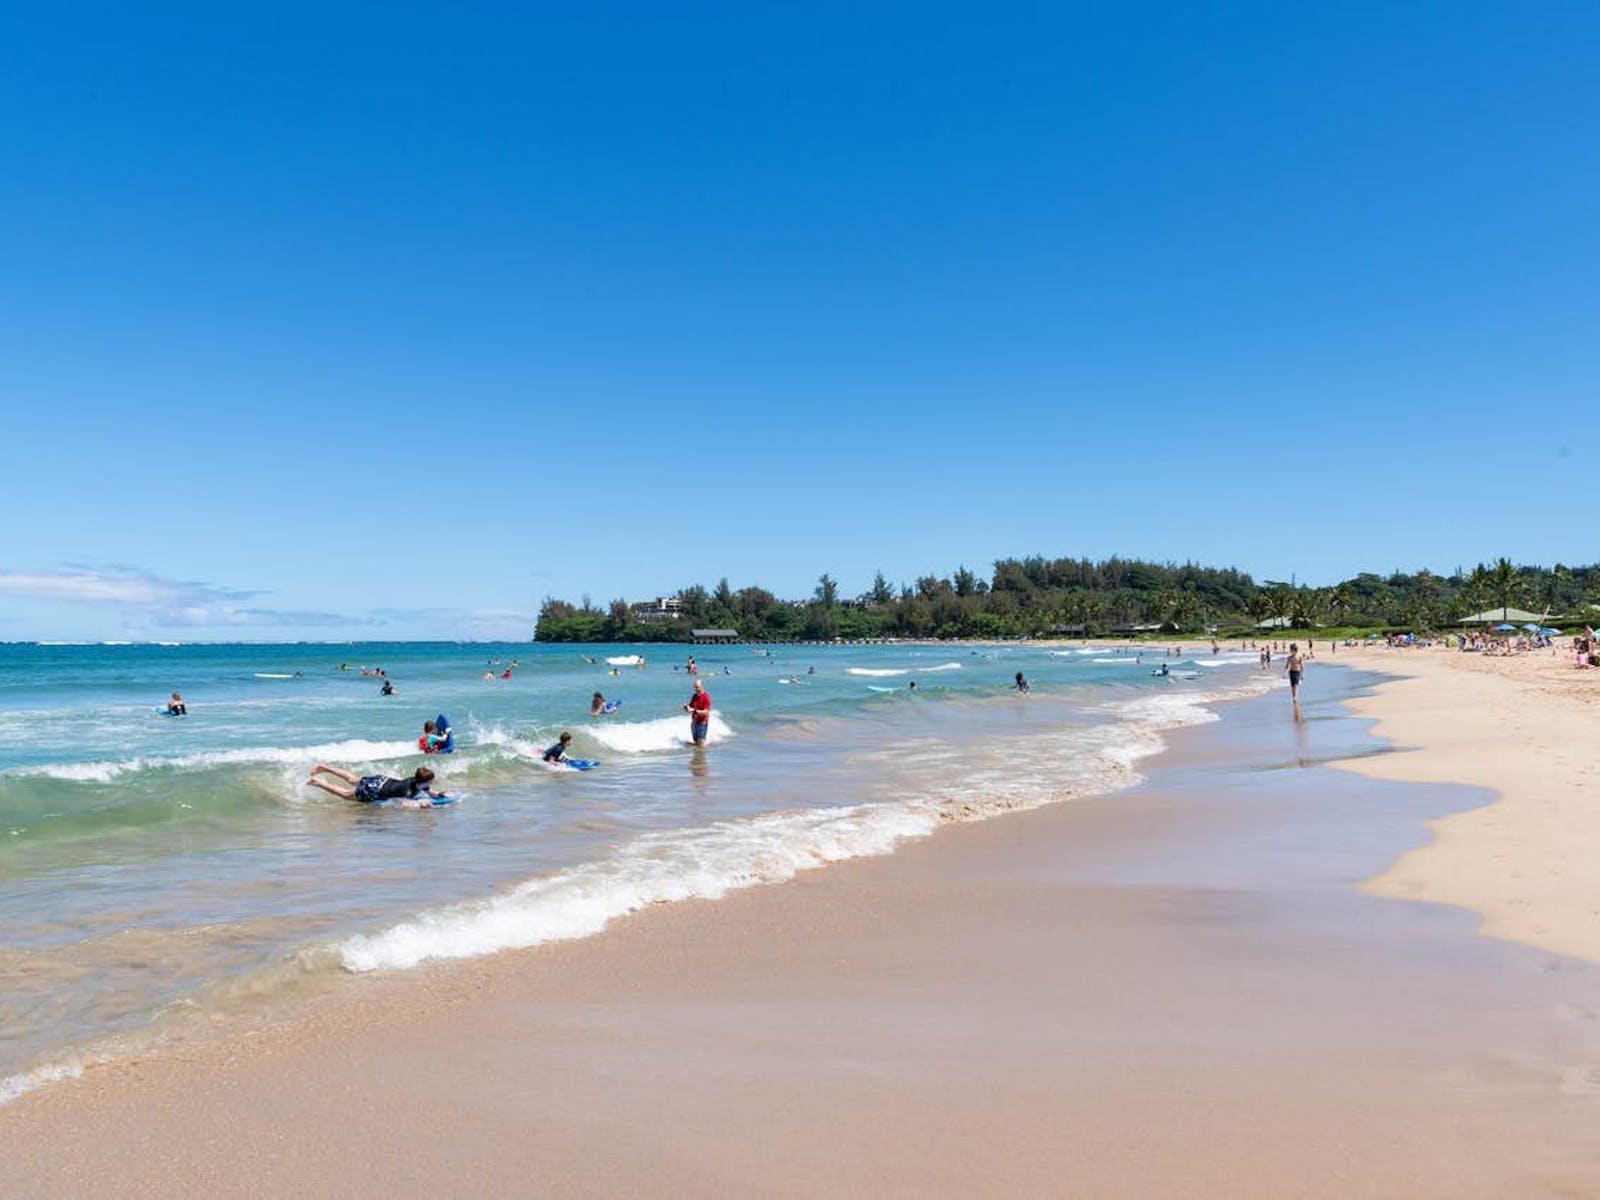 Beach-goers enjoying the water in Kauai, Hawaii